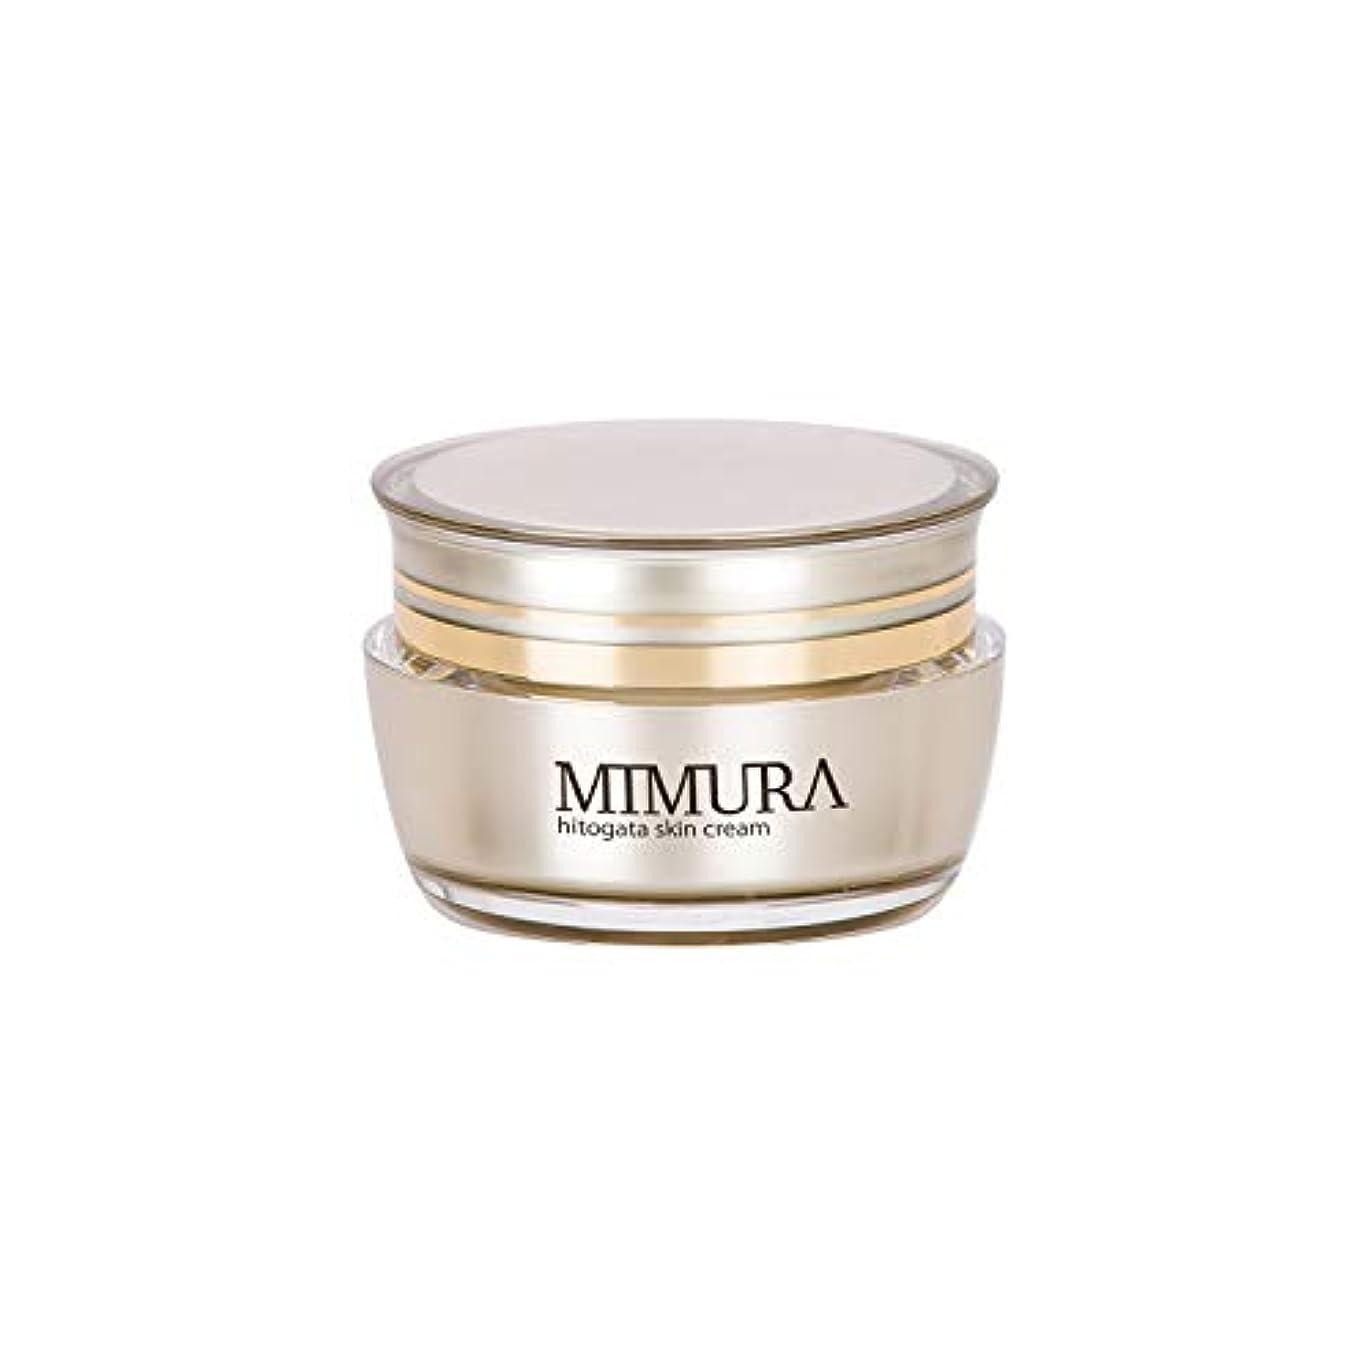 場合にもかかわらずパイプヒト幹細胞 保湿クリーム ブースター ミムラ hitogata スキン クリーム 30g MIMURA 日本製